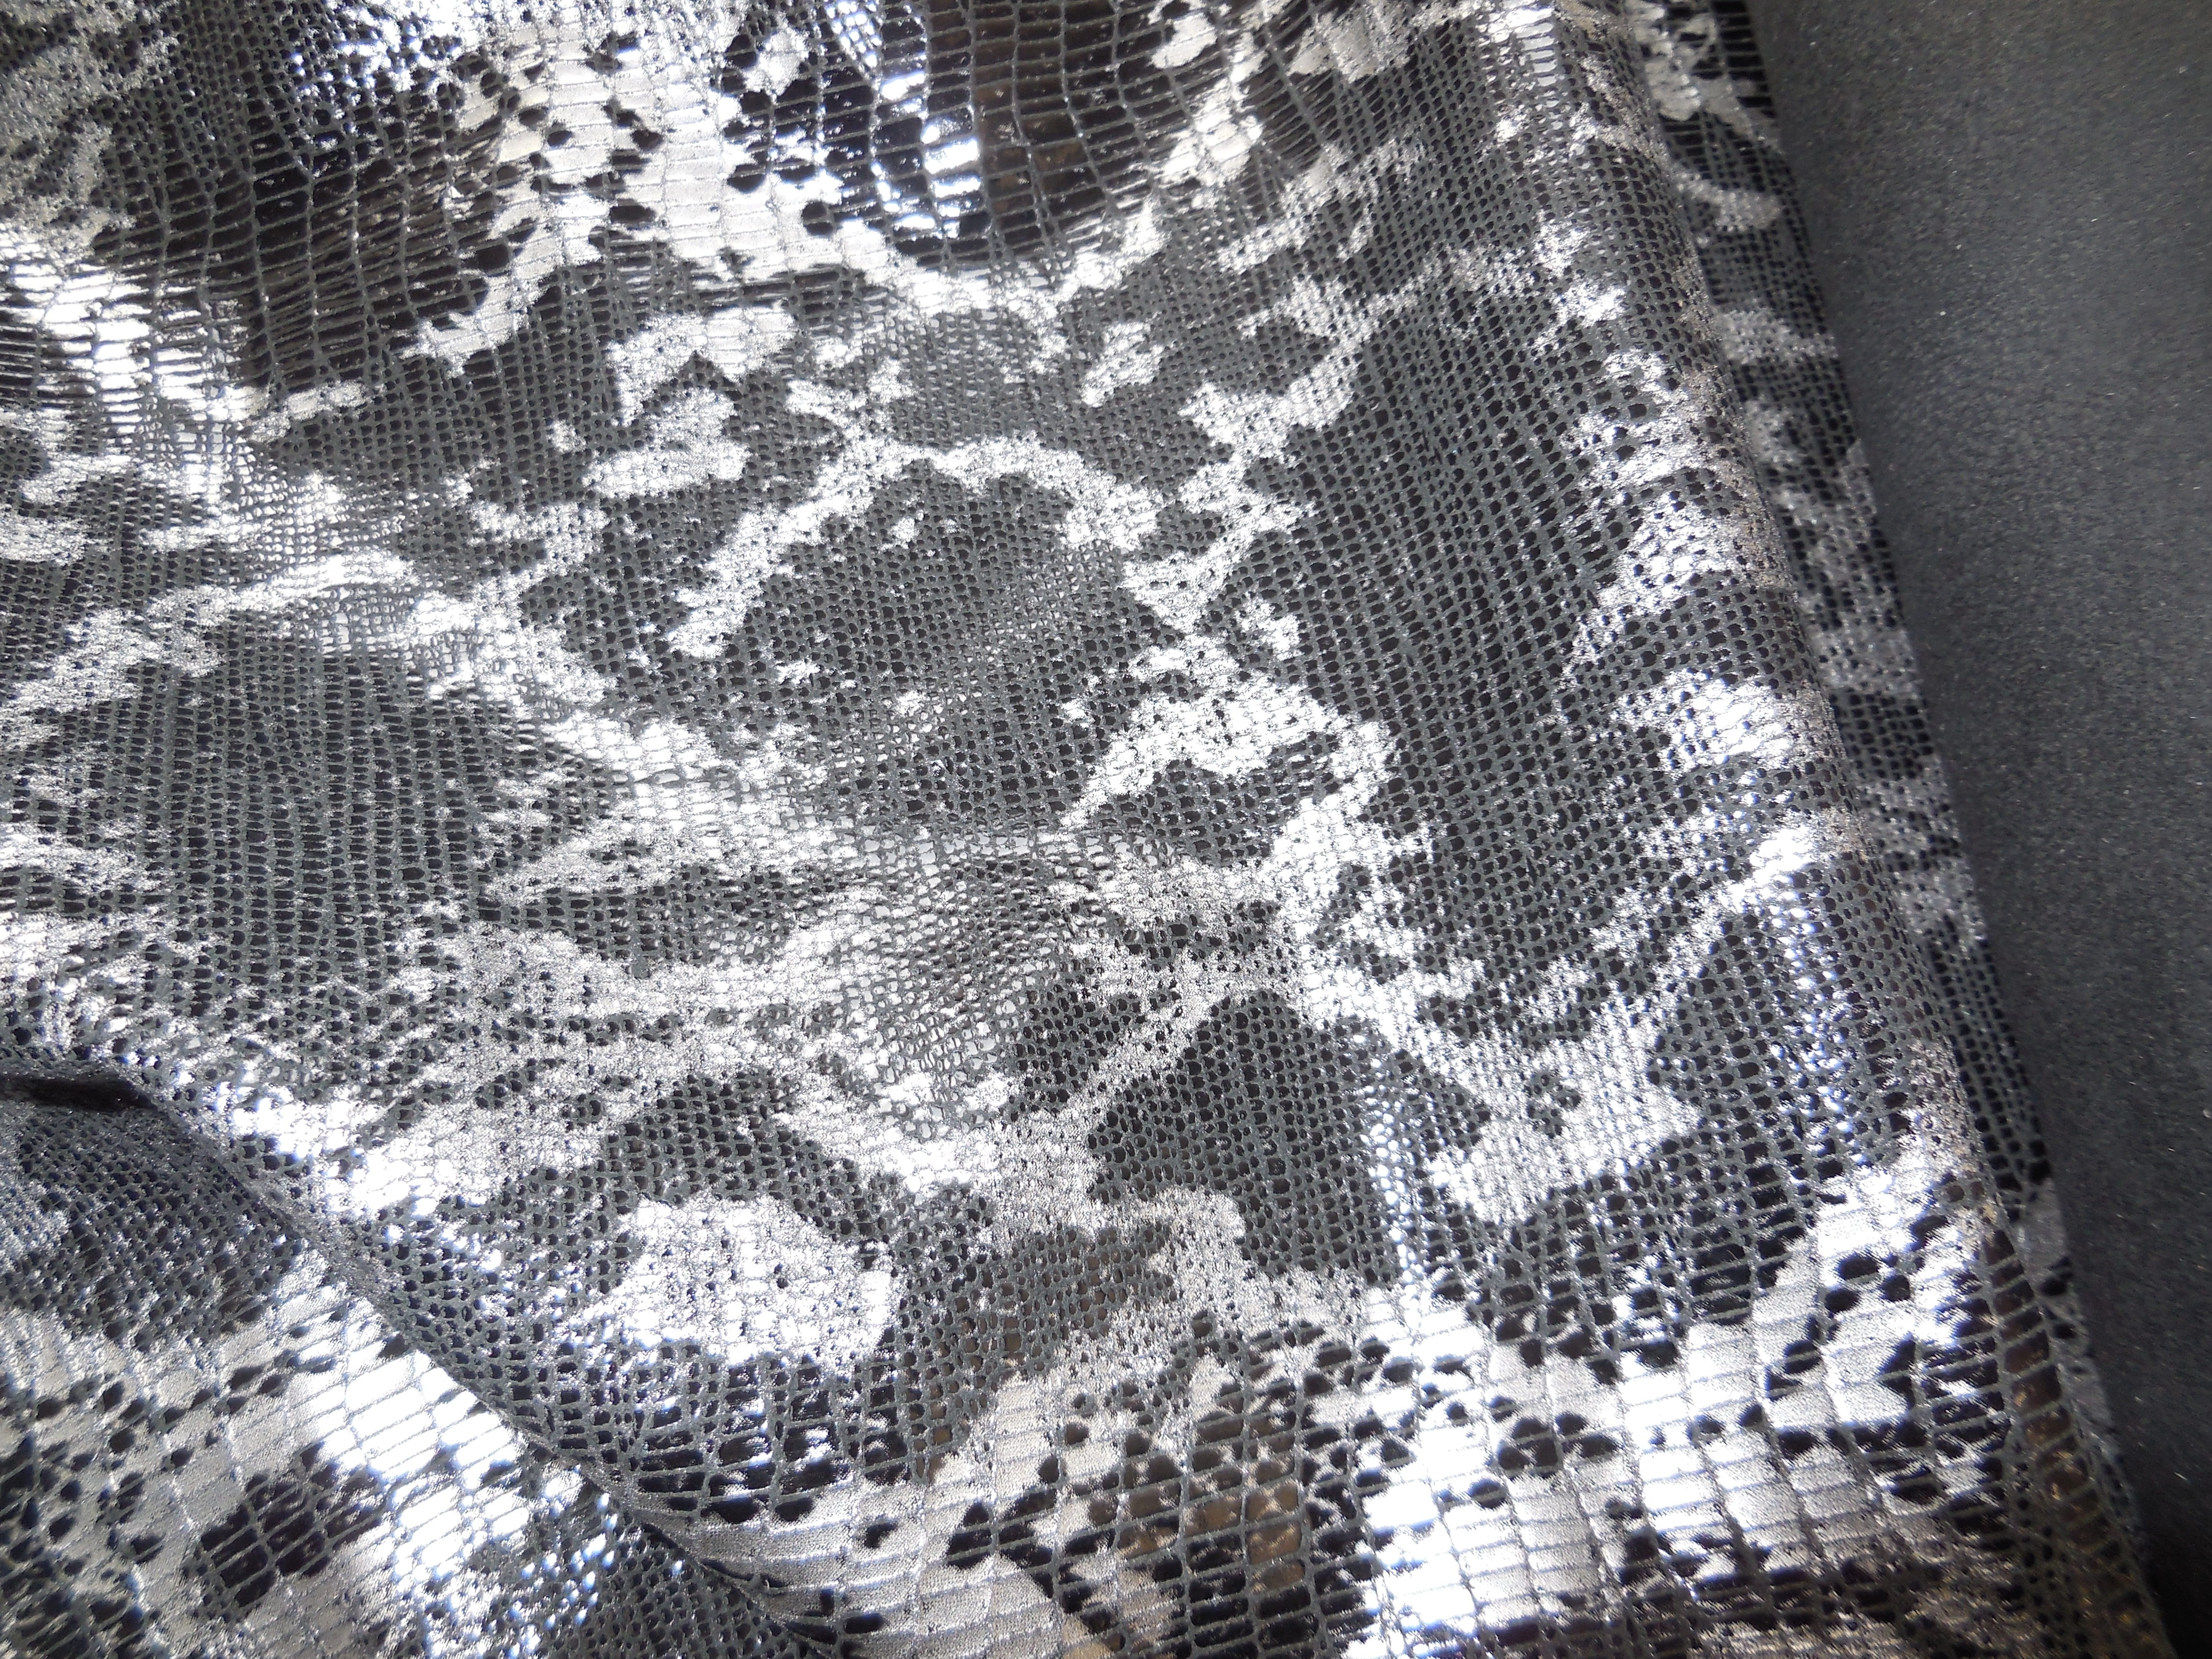 Skóra naturalna cienka, skóra naturalna odzieżowa wzór węża - srebrno- czarna - skóry naturalne wzór węża w Leather-design.eu